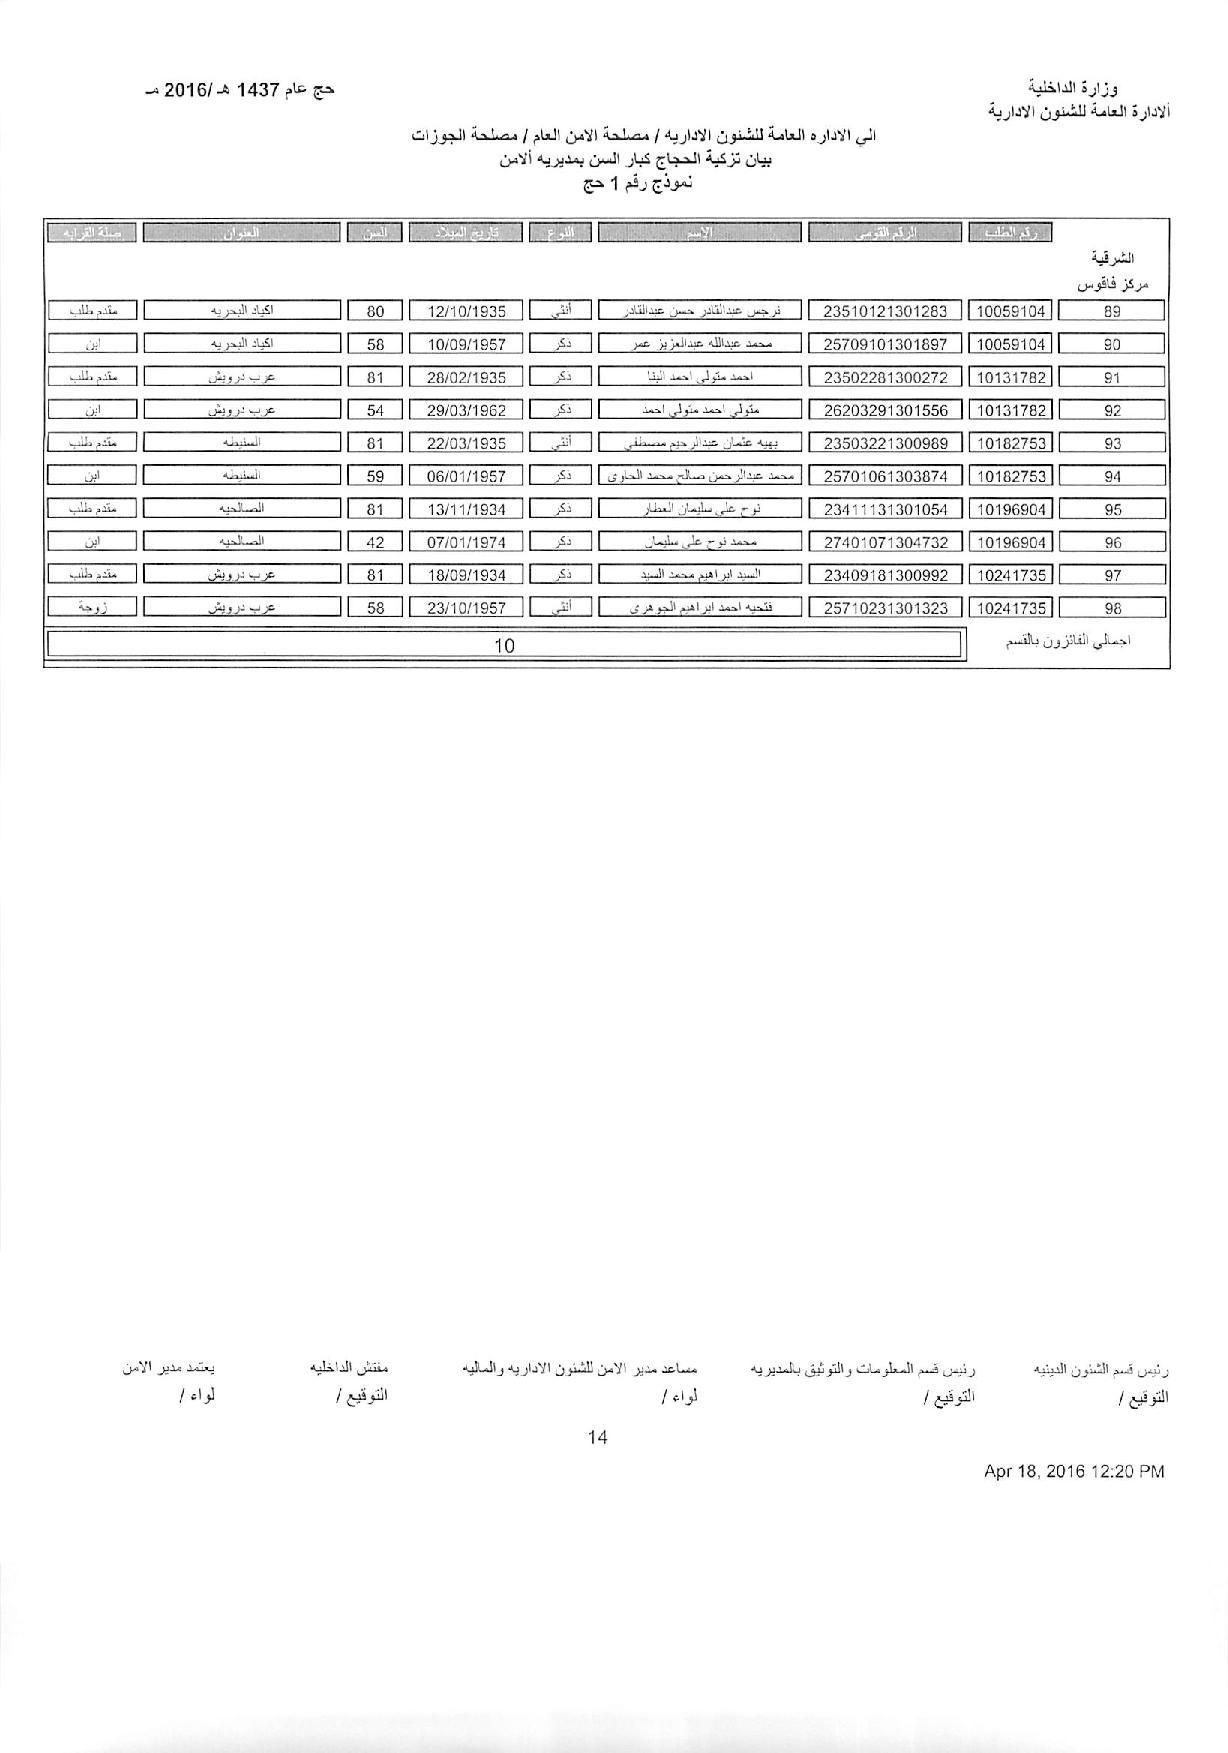 اسماء الحجاج الفائزون بالقرعة لعام 1437هـ 2016م (16)